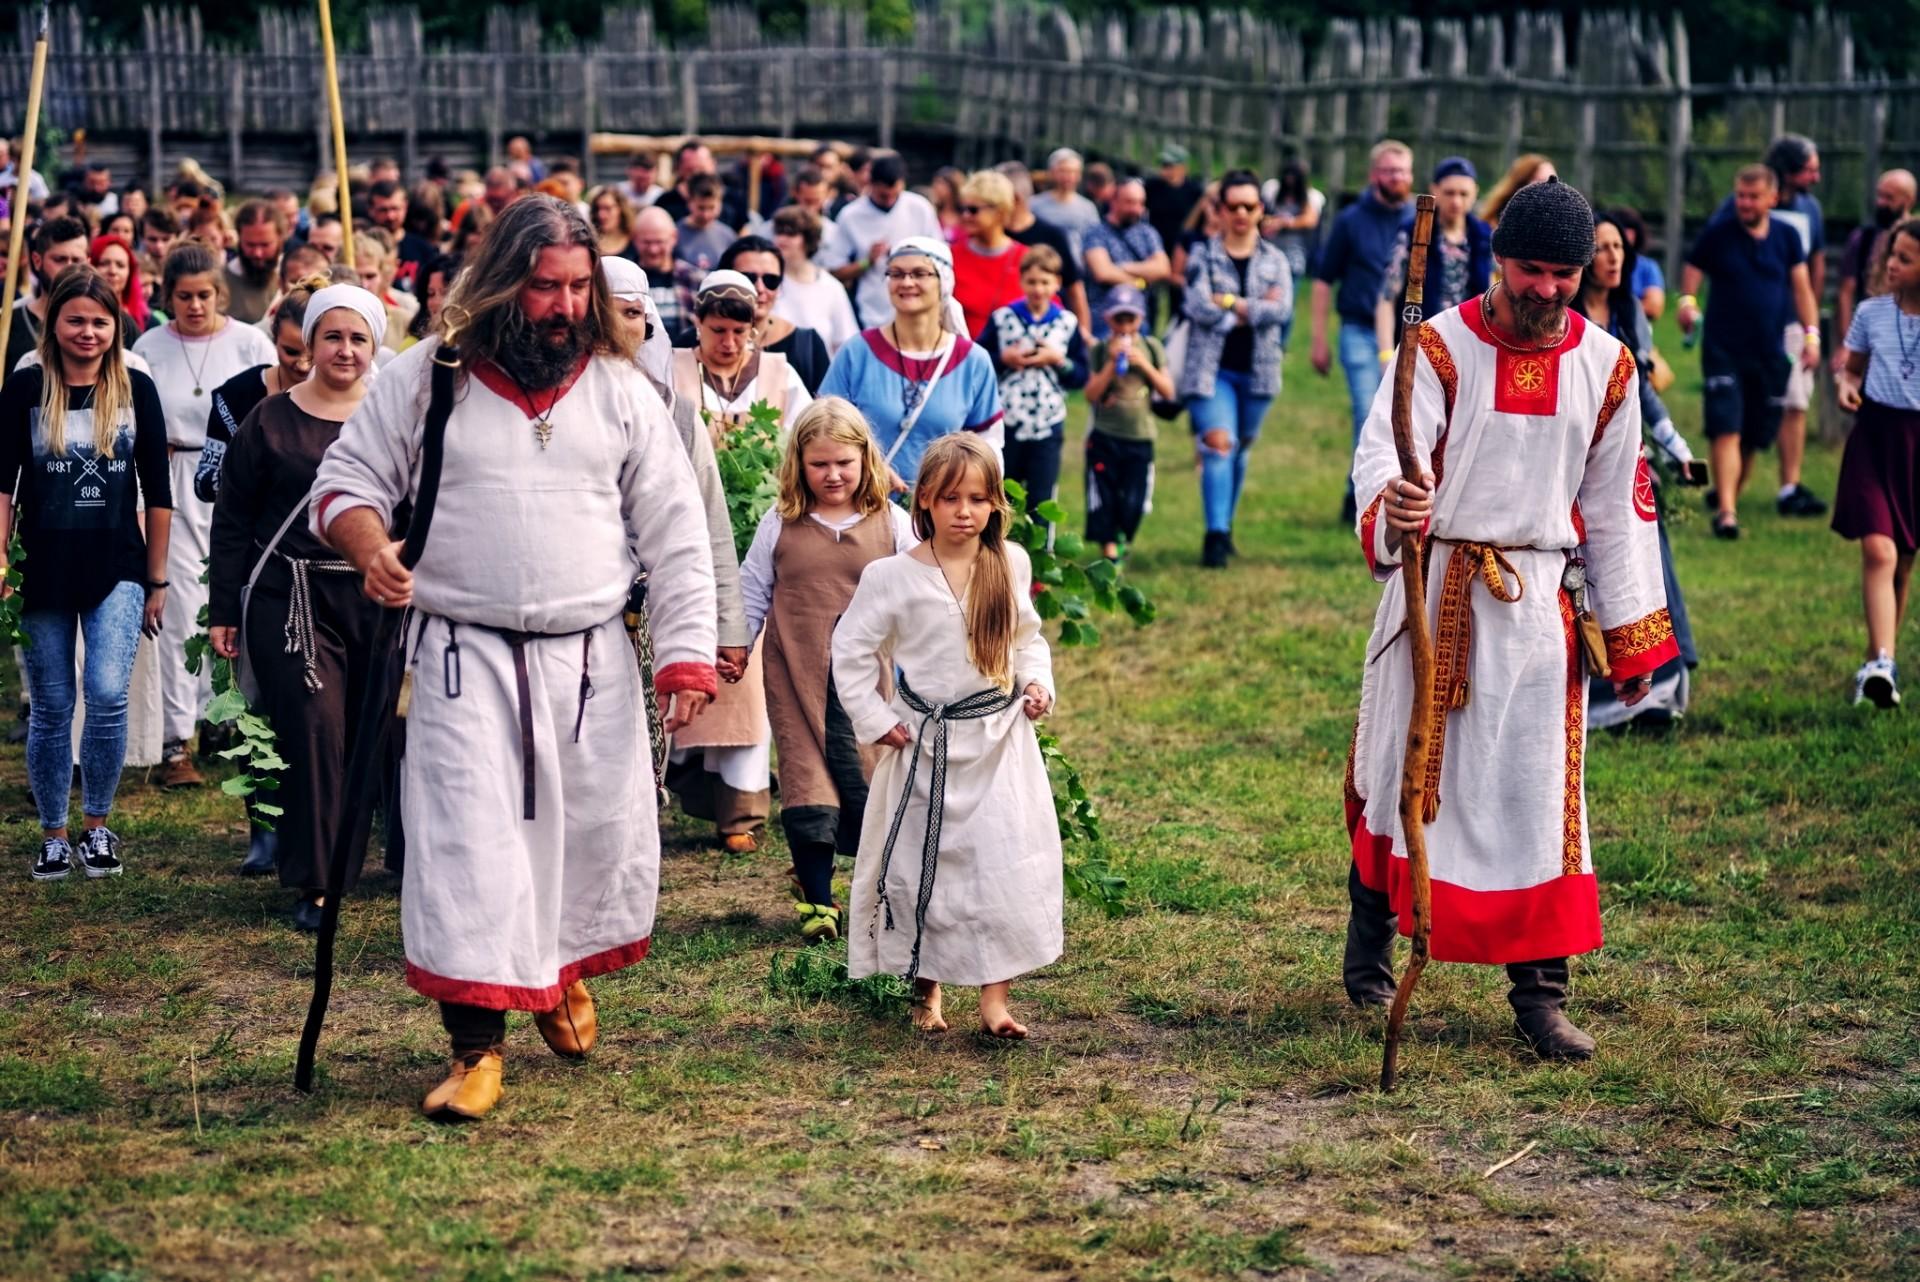 Festiwal Mitologii Słowiańskiej za nami. Jak było? [FOTOREPORTAŻ]